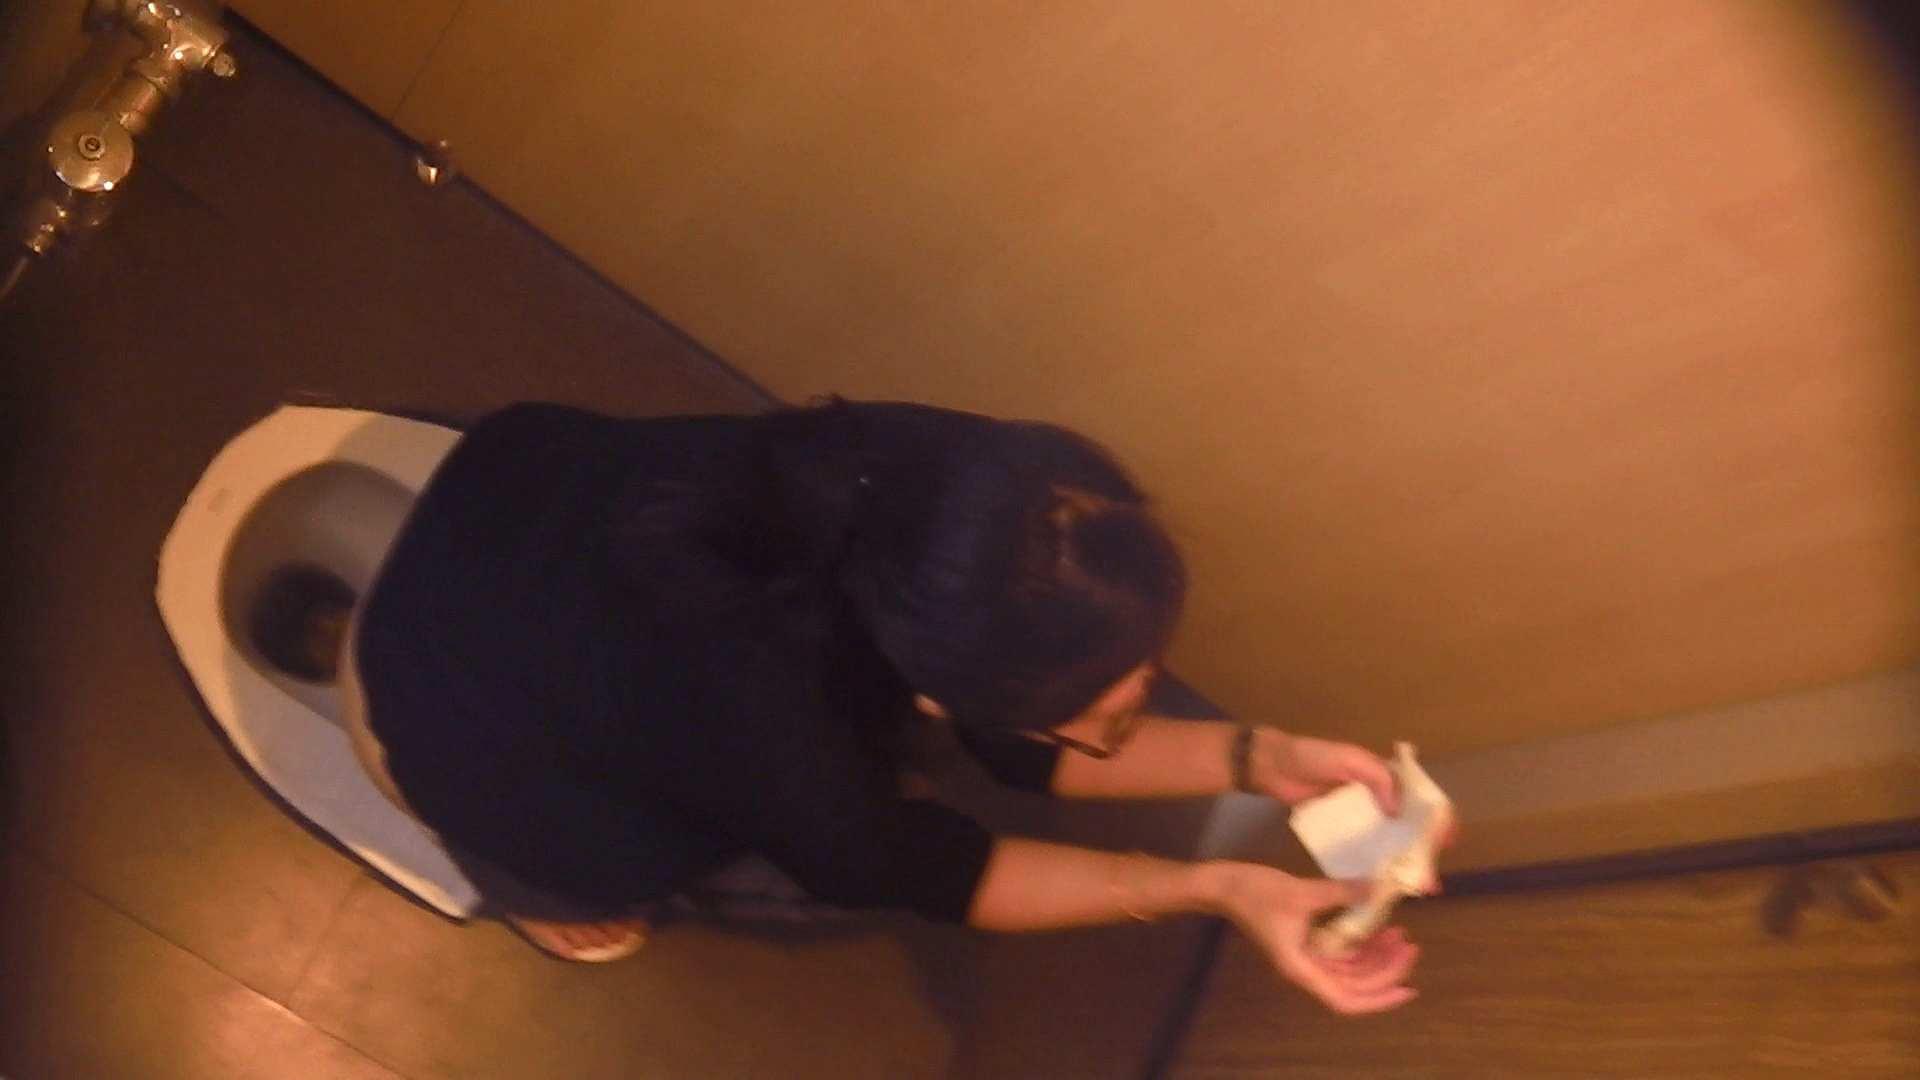 阿国ちゃんの「和式洋式七変化」No.4 洗面所 | 和式  97pic 65